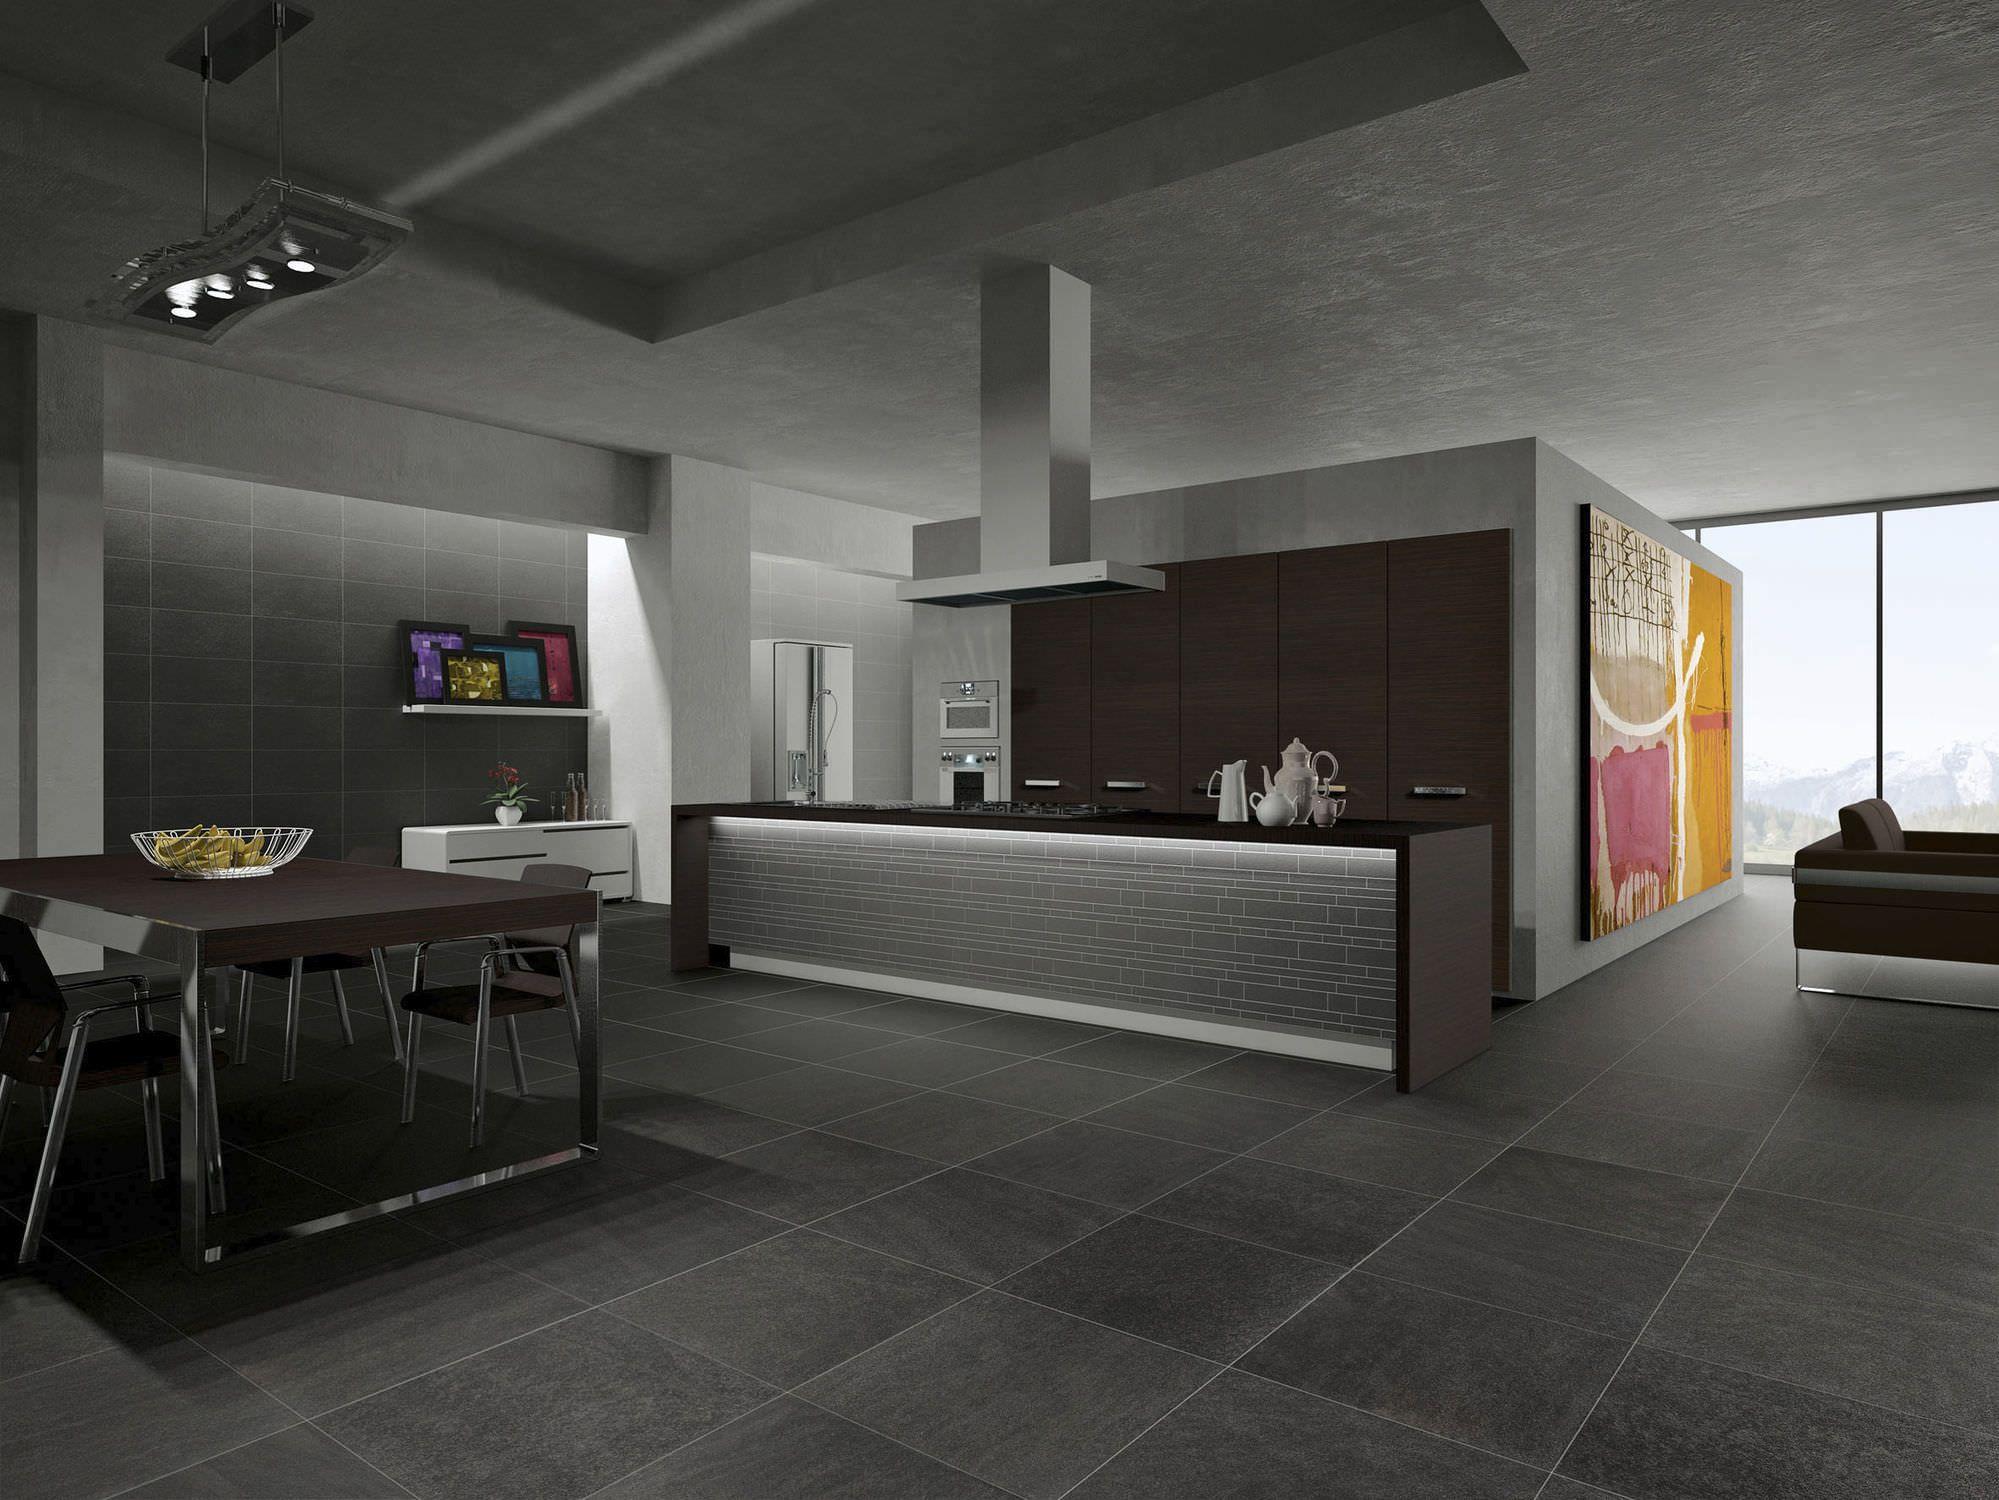 Piastrella per cucina indoor a parete in gres porcellanato